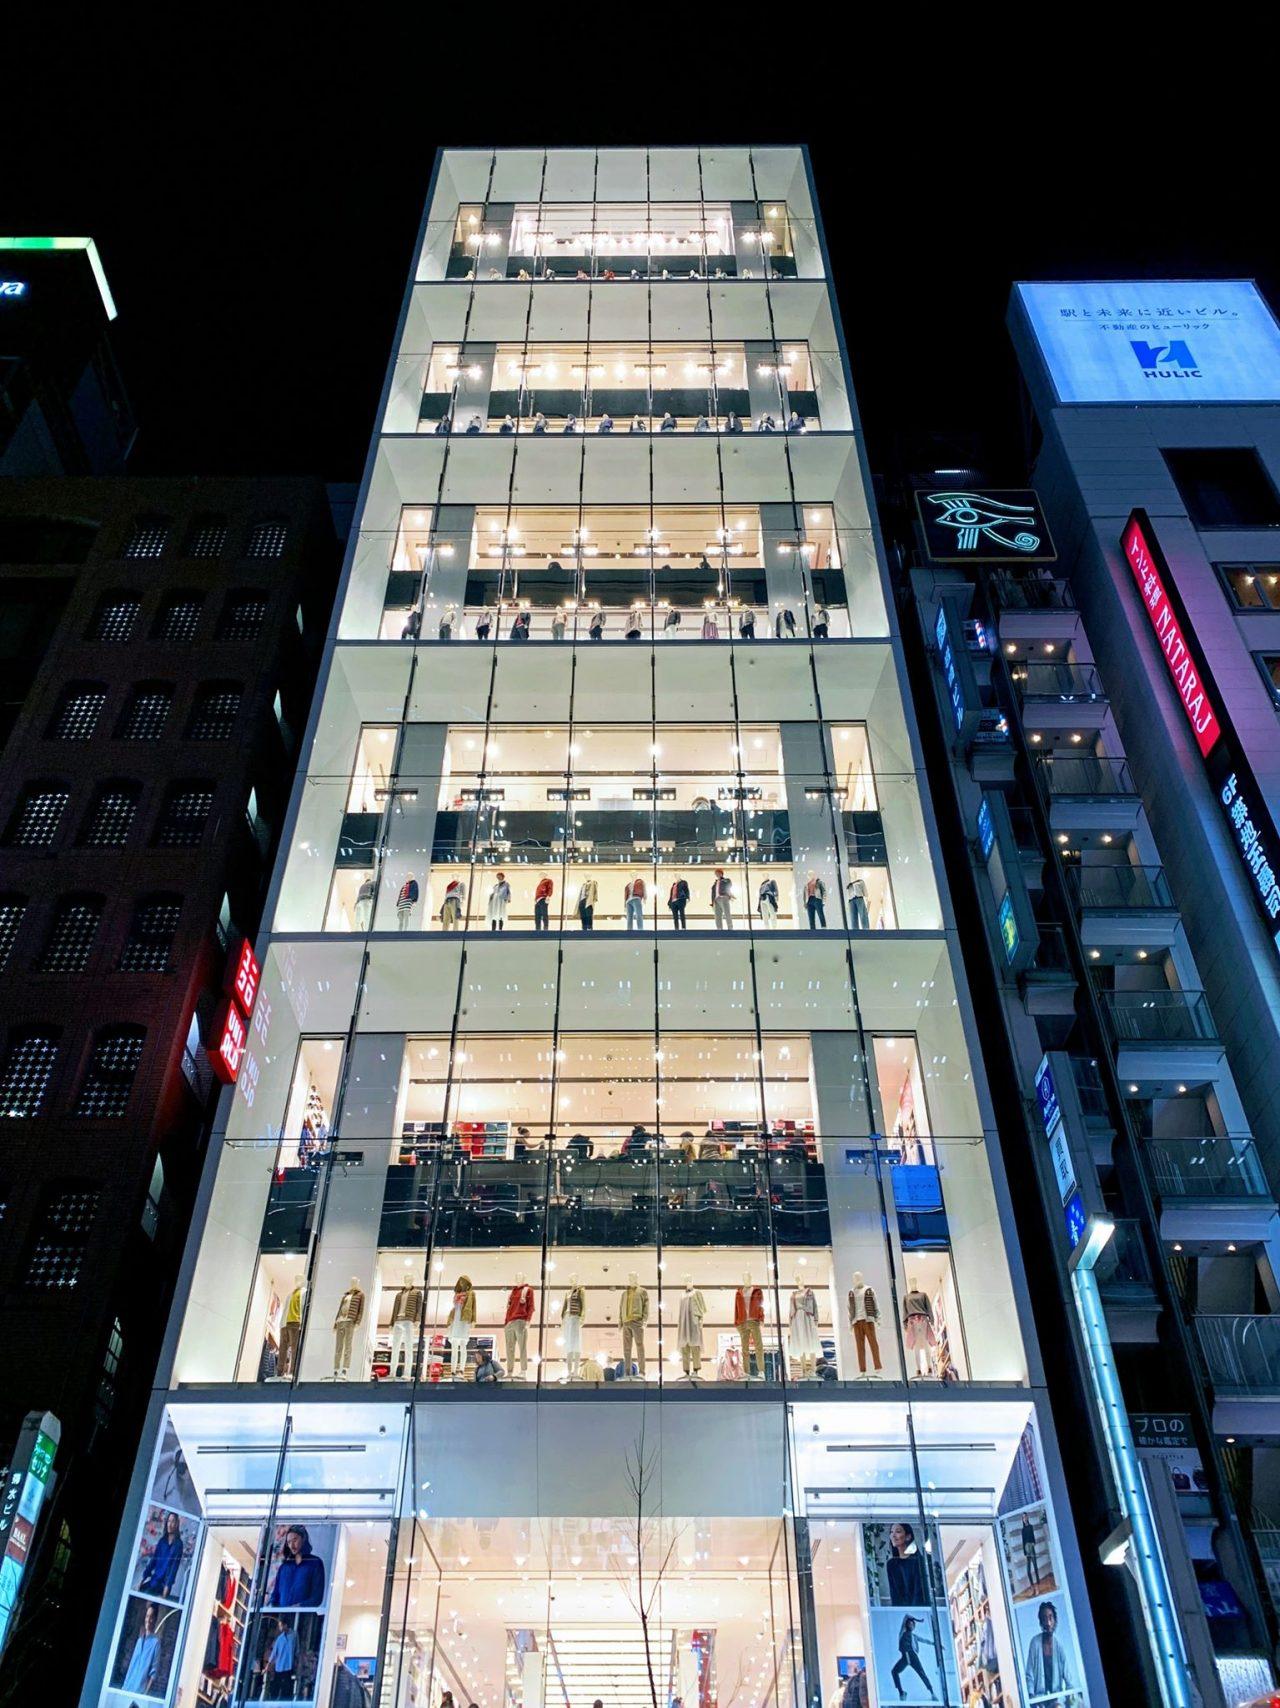 Mur d'image : pourquoi les flagship stores en raffolent ?